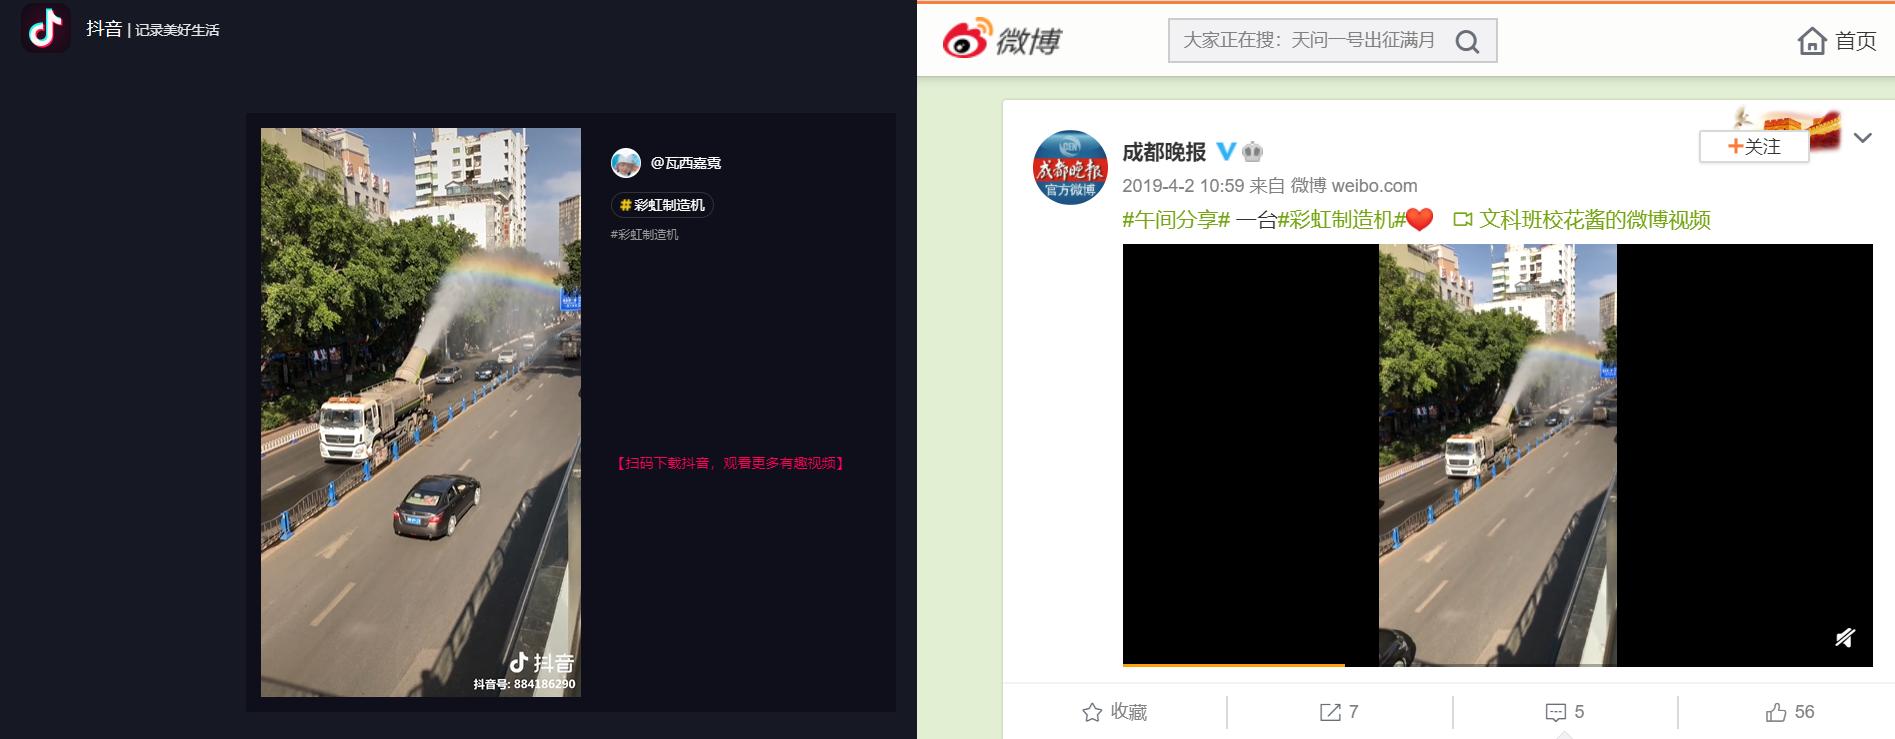 Film opublikowano w aplikacji Douyin (po lewej) i na chińskim portalu społecznościowym Weibo